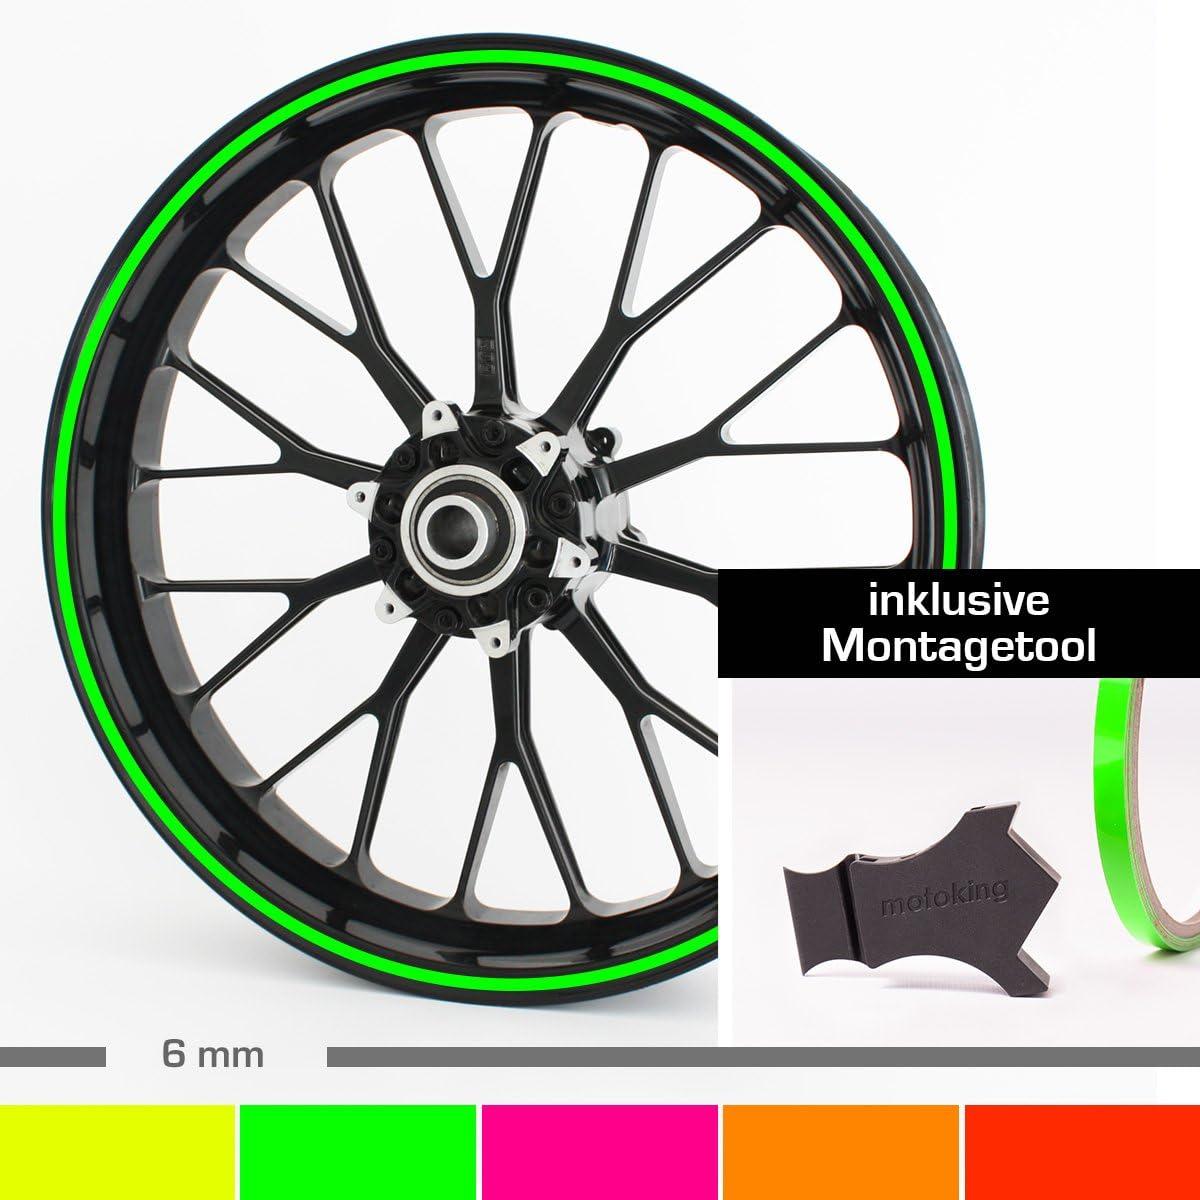 Motoking Felgenrandaufkleber mit Montagetool f/ür Ihr Motorrad in NEON PINK 6 mm//f/ür 10 bis 25